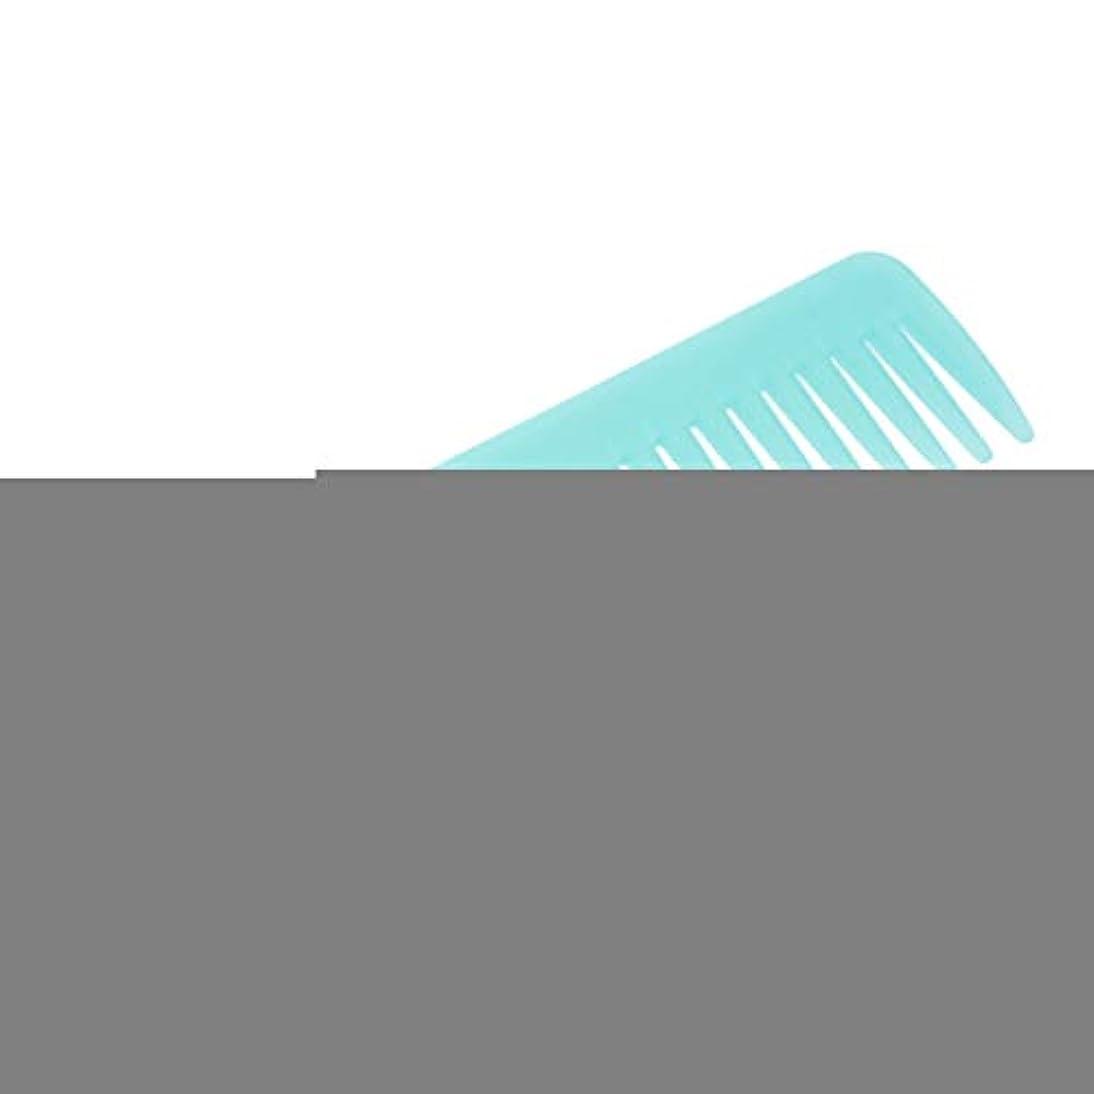 マルクス主義者ファンネルウェブスパイダー部プロの髪のくしゃくしゃヘアーコンディションの櫛幅のあるヘアブラシ - A